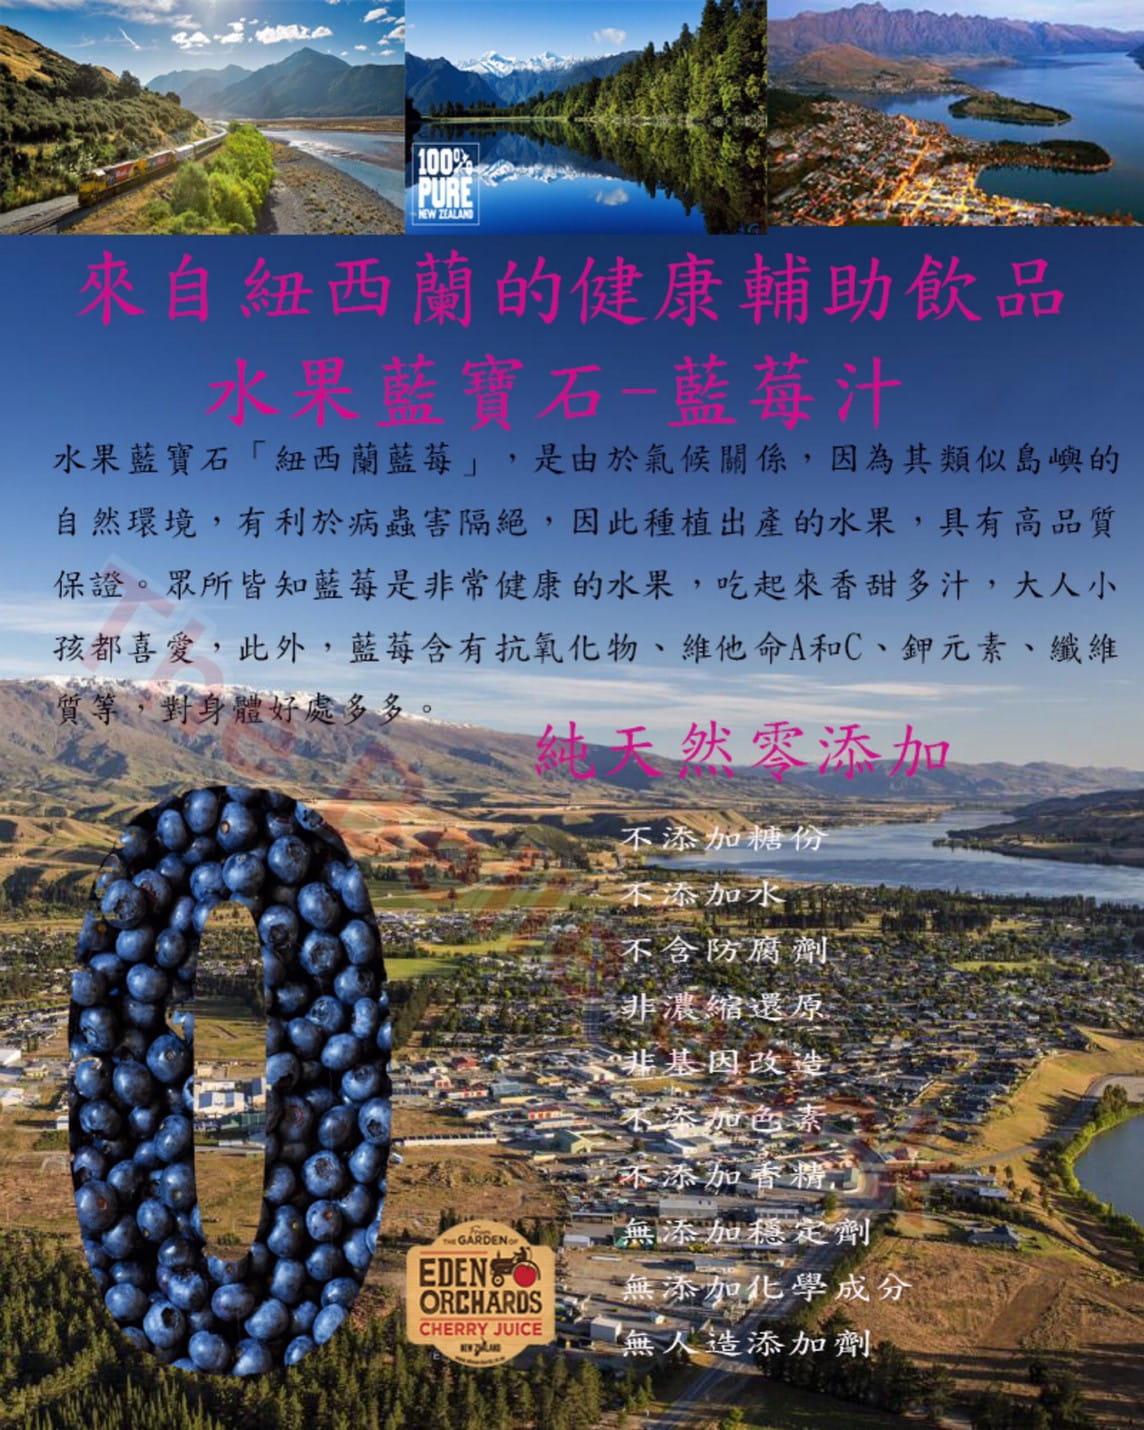 紐西蘭進口-伊甸莊園100%櫻桃汁,100%藍莓汁,綜合果汁 果汁飲料運動補給 夏天 養顏美容 7